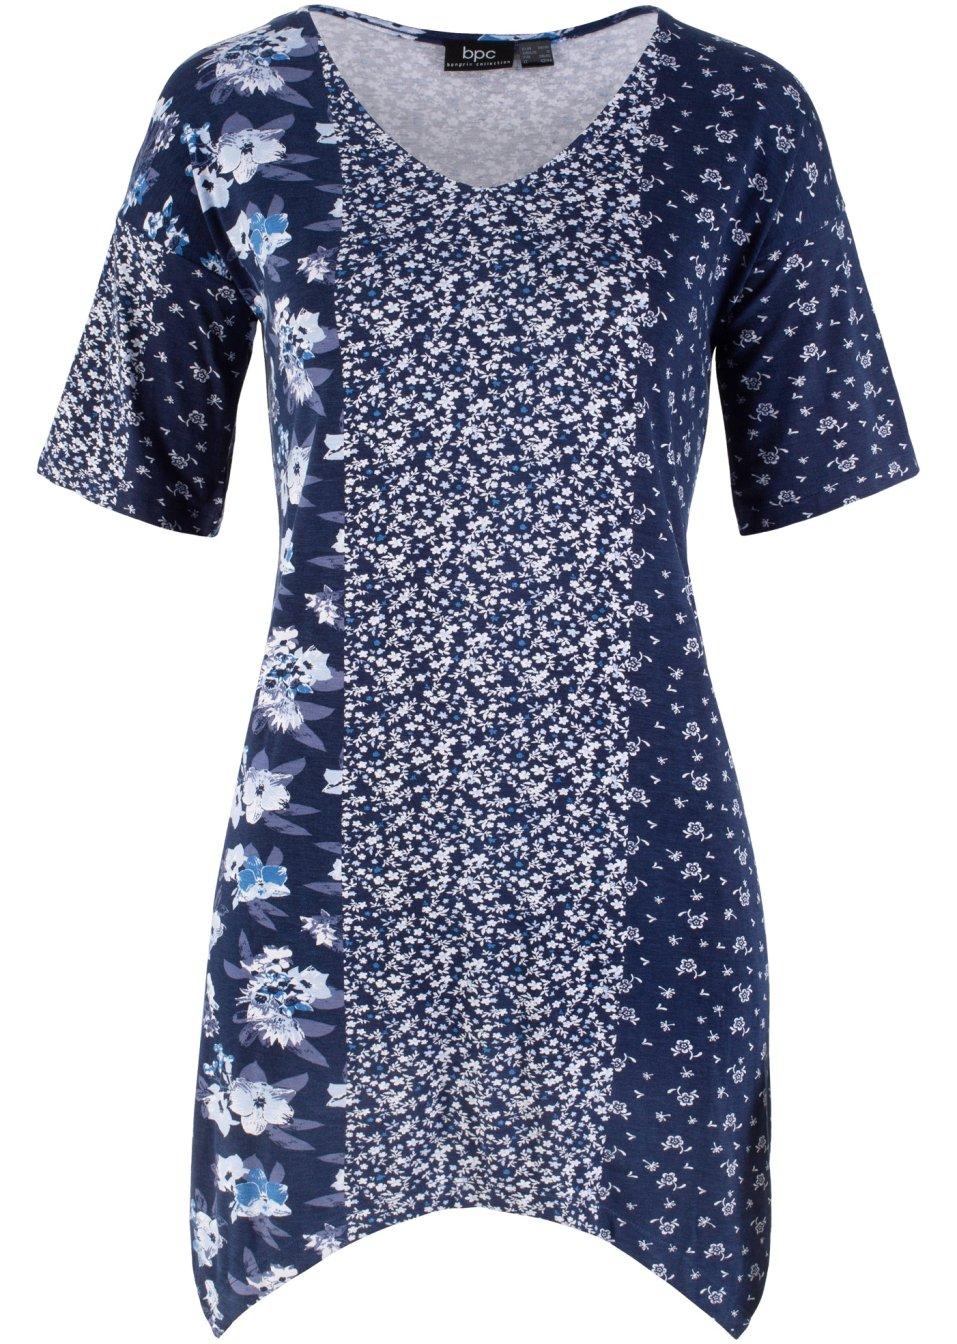 Kaschierendes Longshirt mit Zipfelsaum und dekorativem Druckdessin - mattblau gemustert P5w7Y 0Ossu